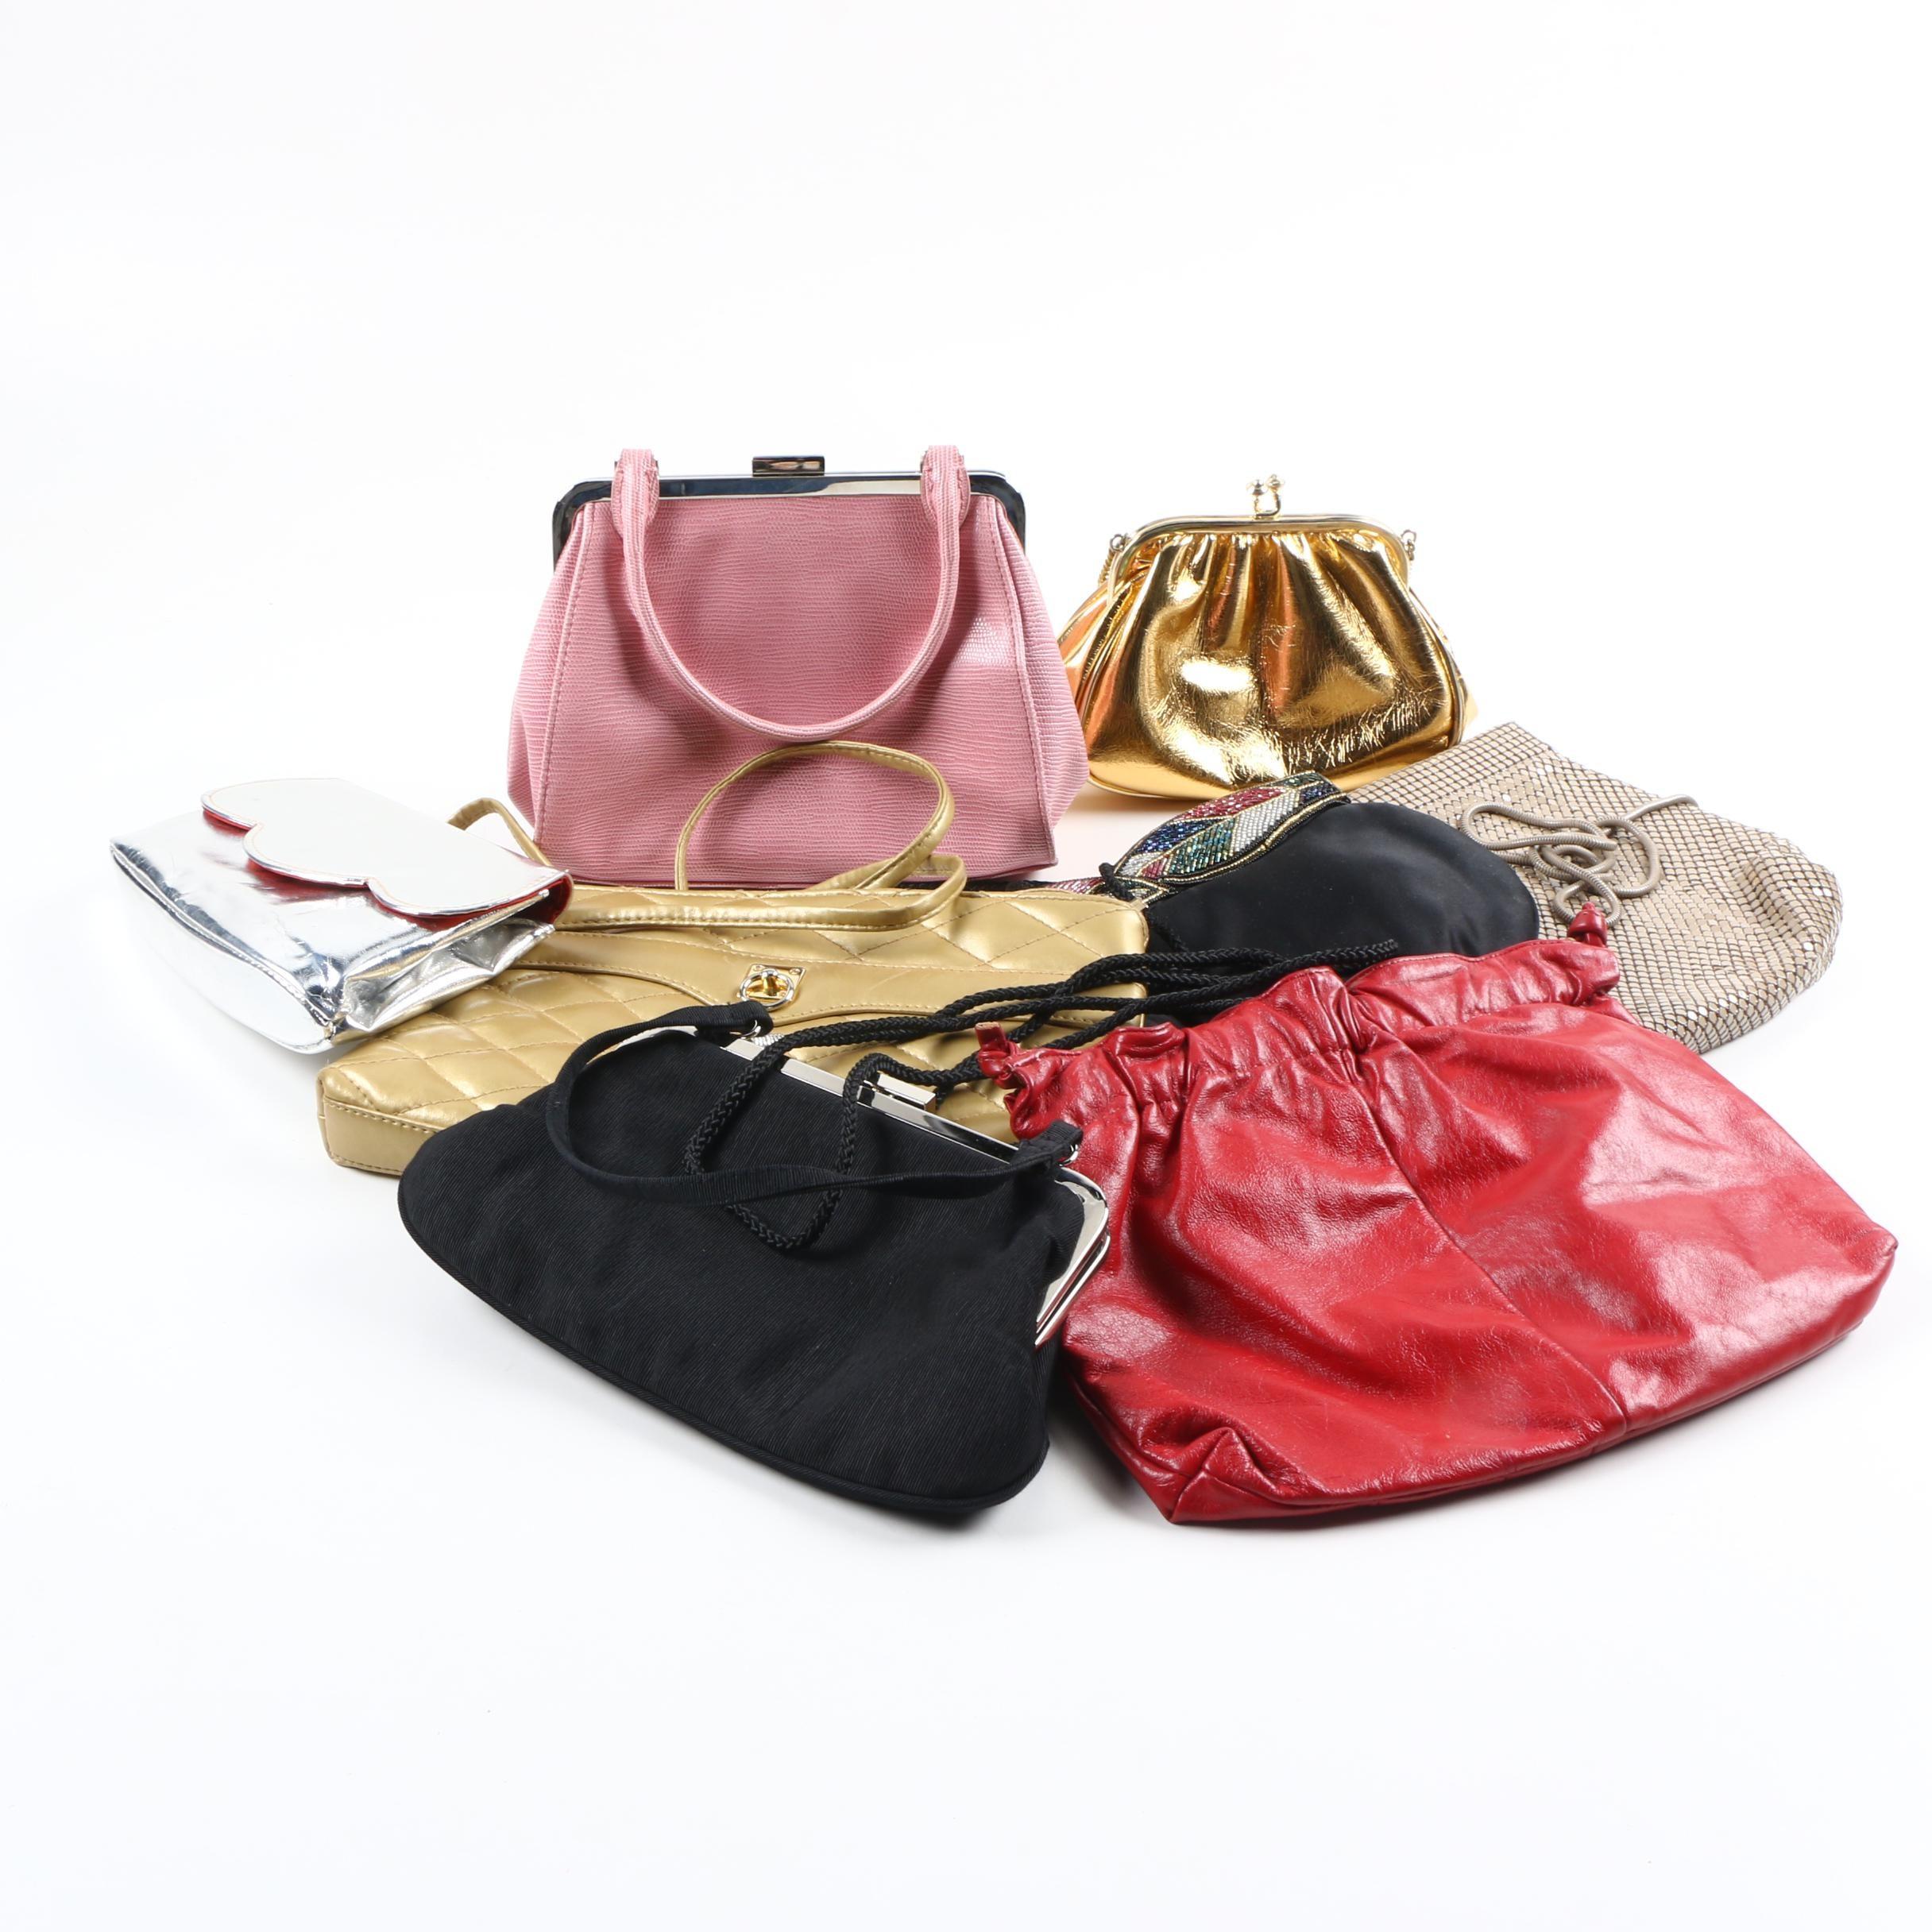 Vintage Clutch Handbags